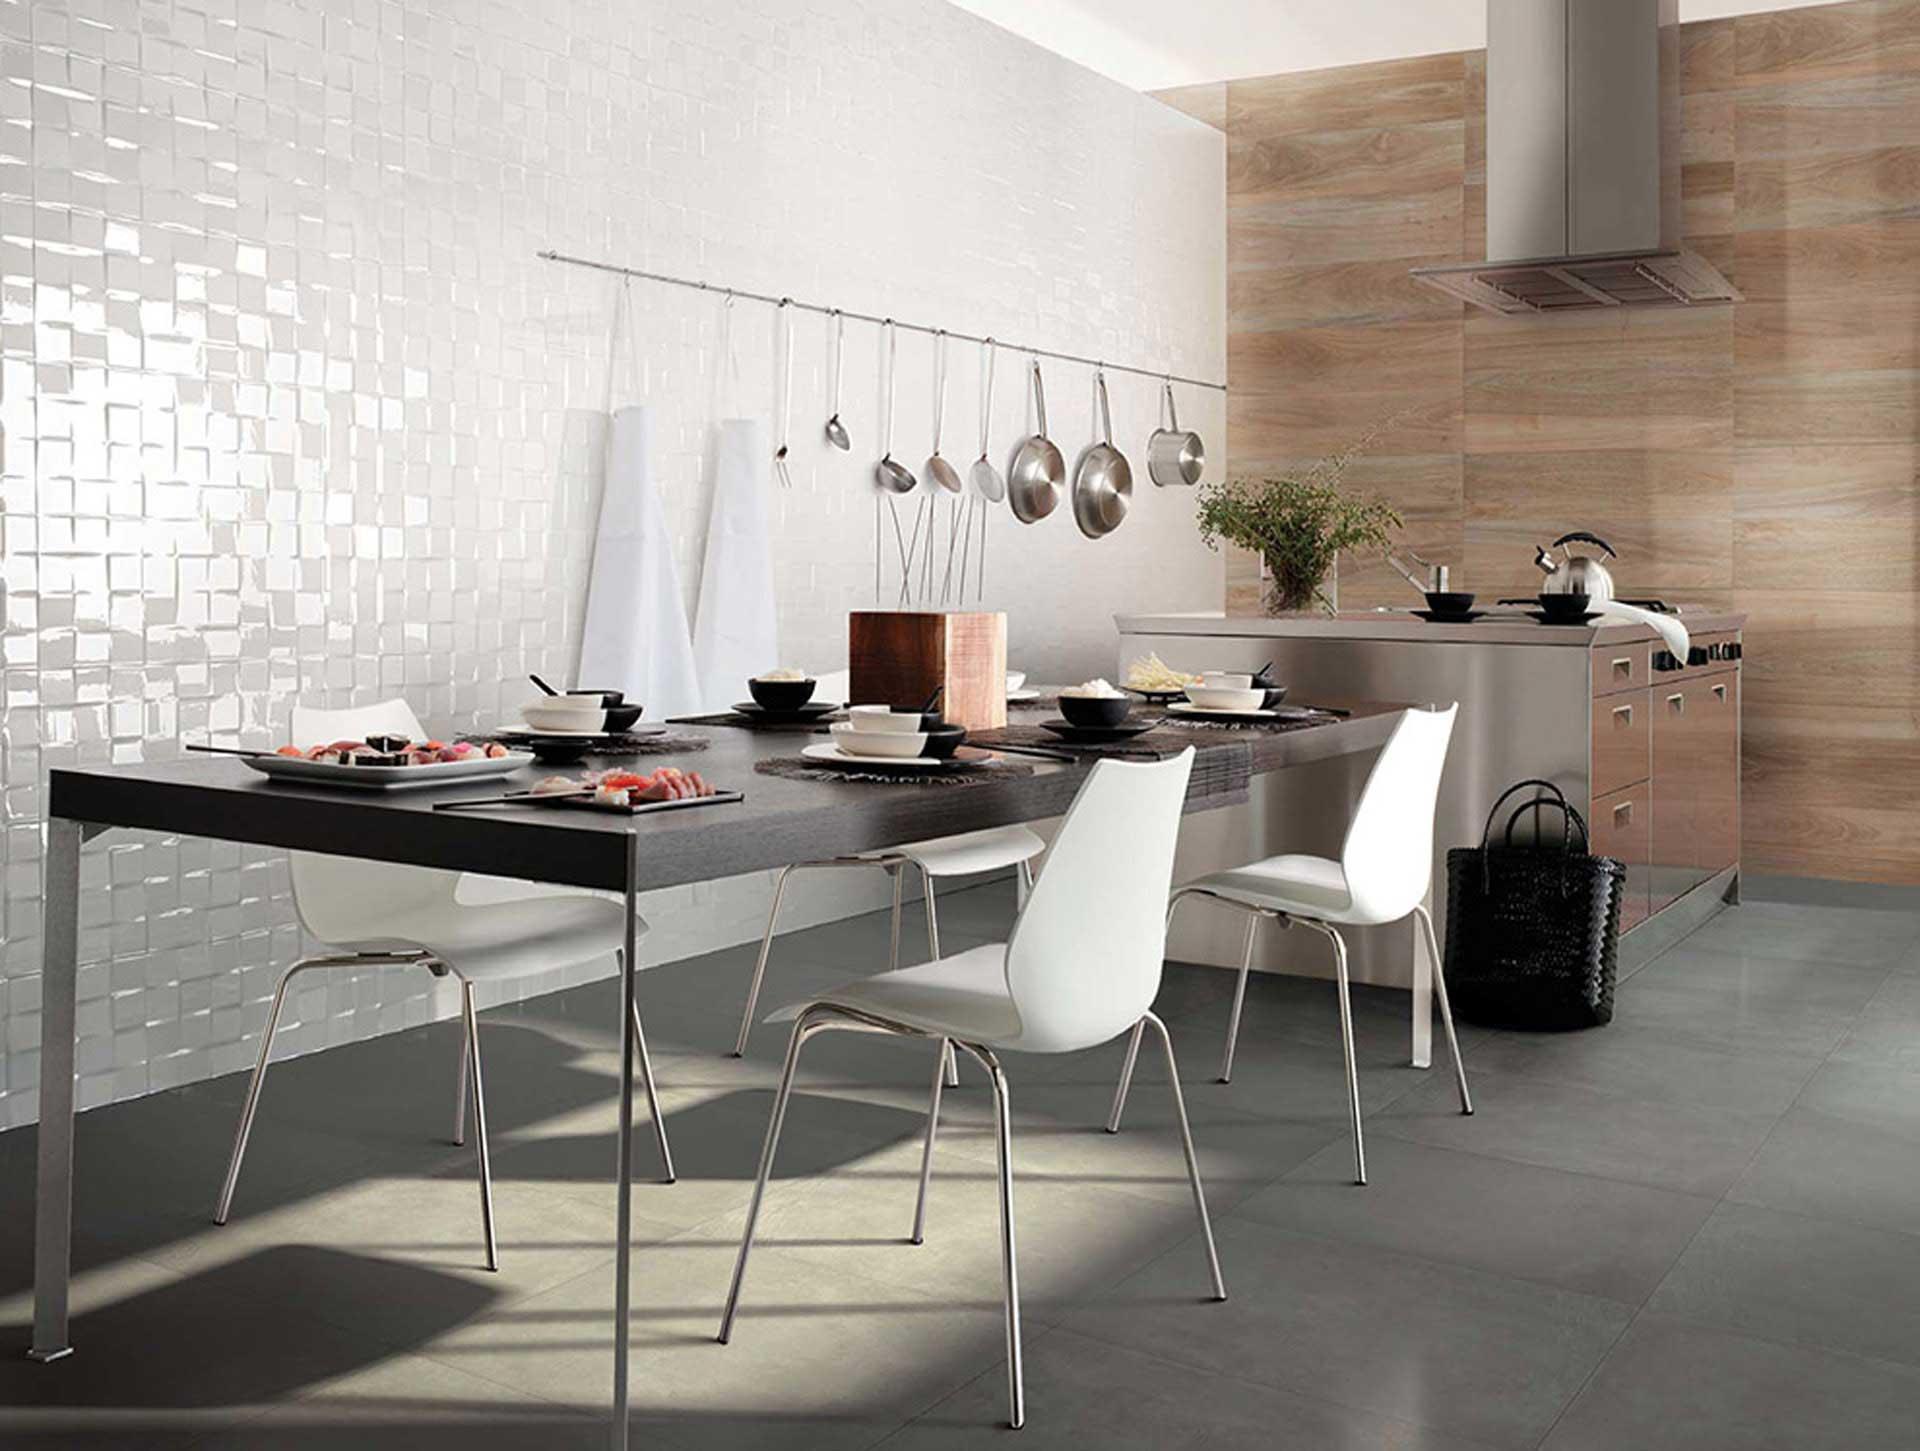 Piastrelle Parete Cucina Moderna : Piastrelle per parete cucina ...